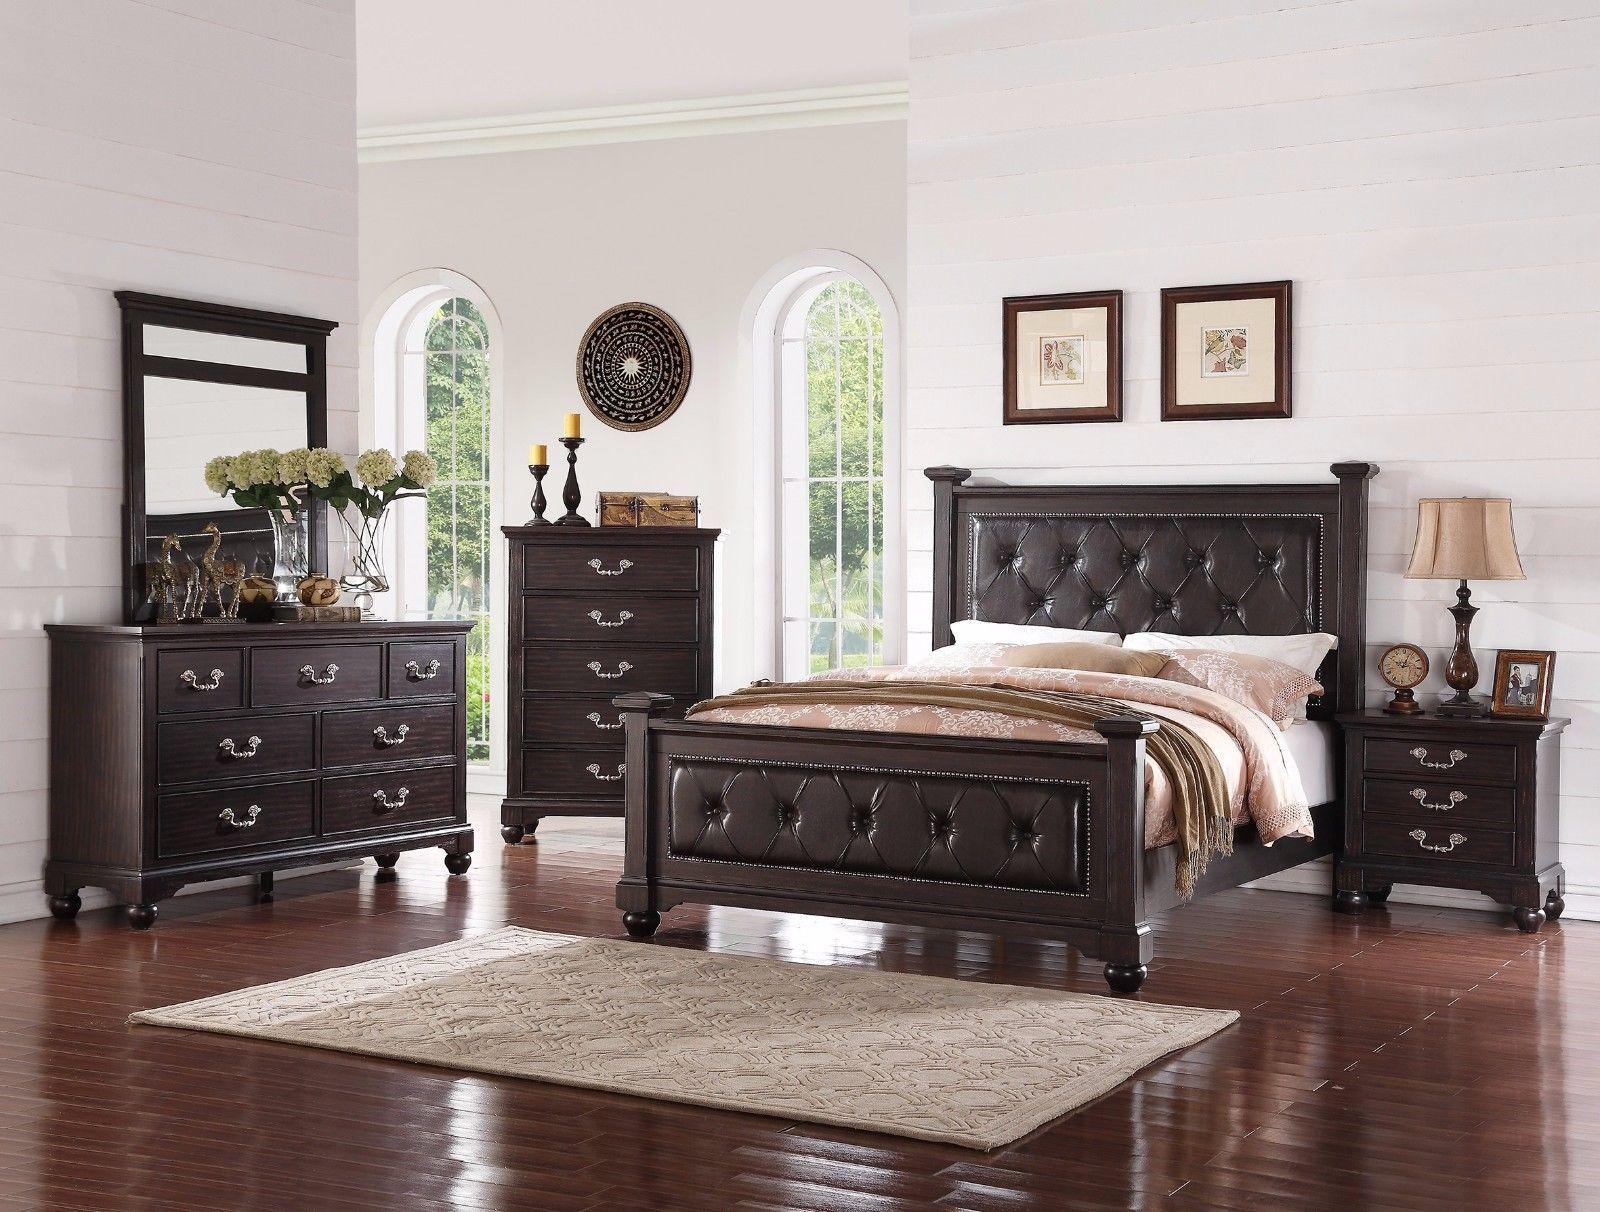 master bedroom furnitur 4pc est king bed set tufted faux leather